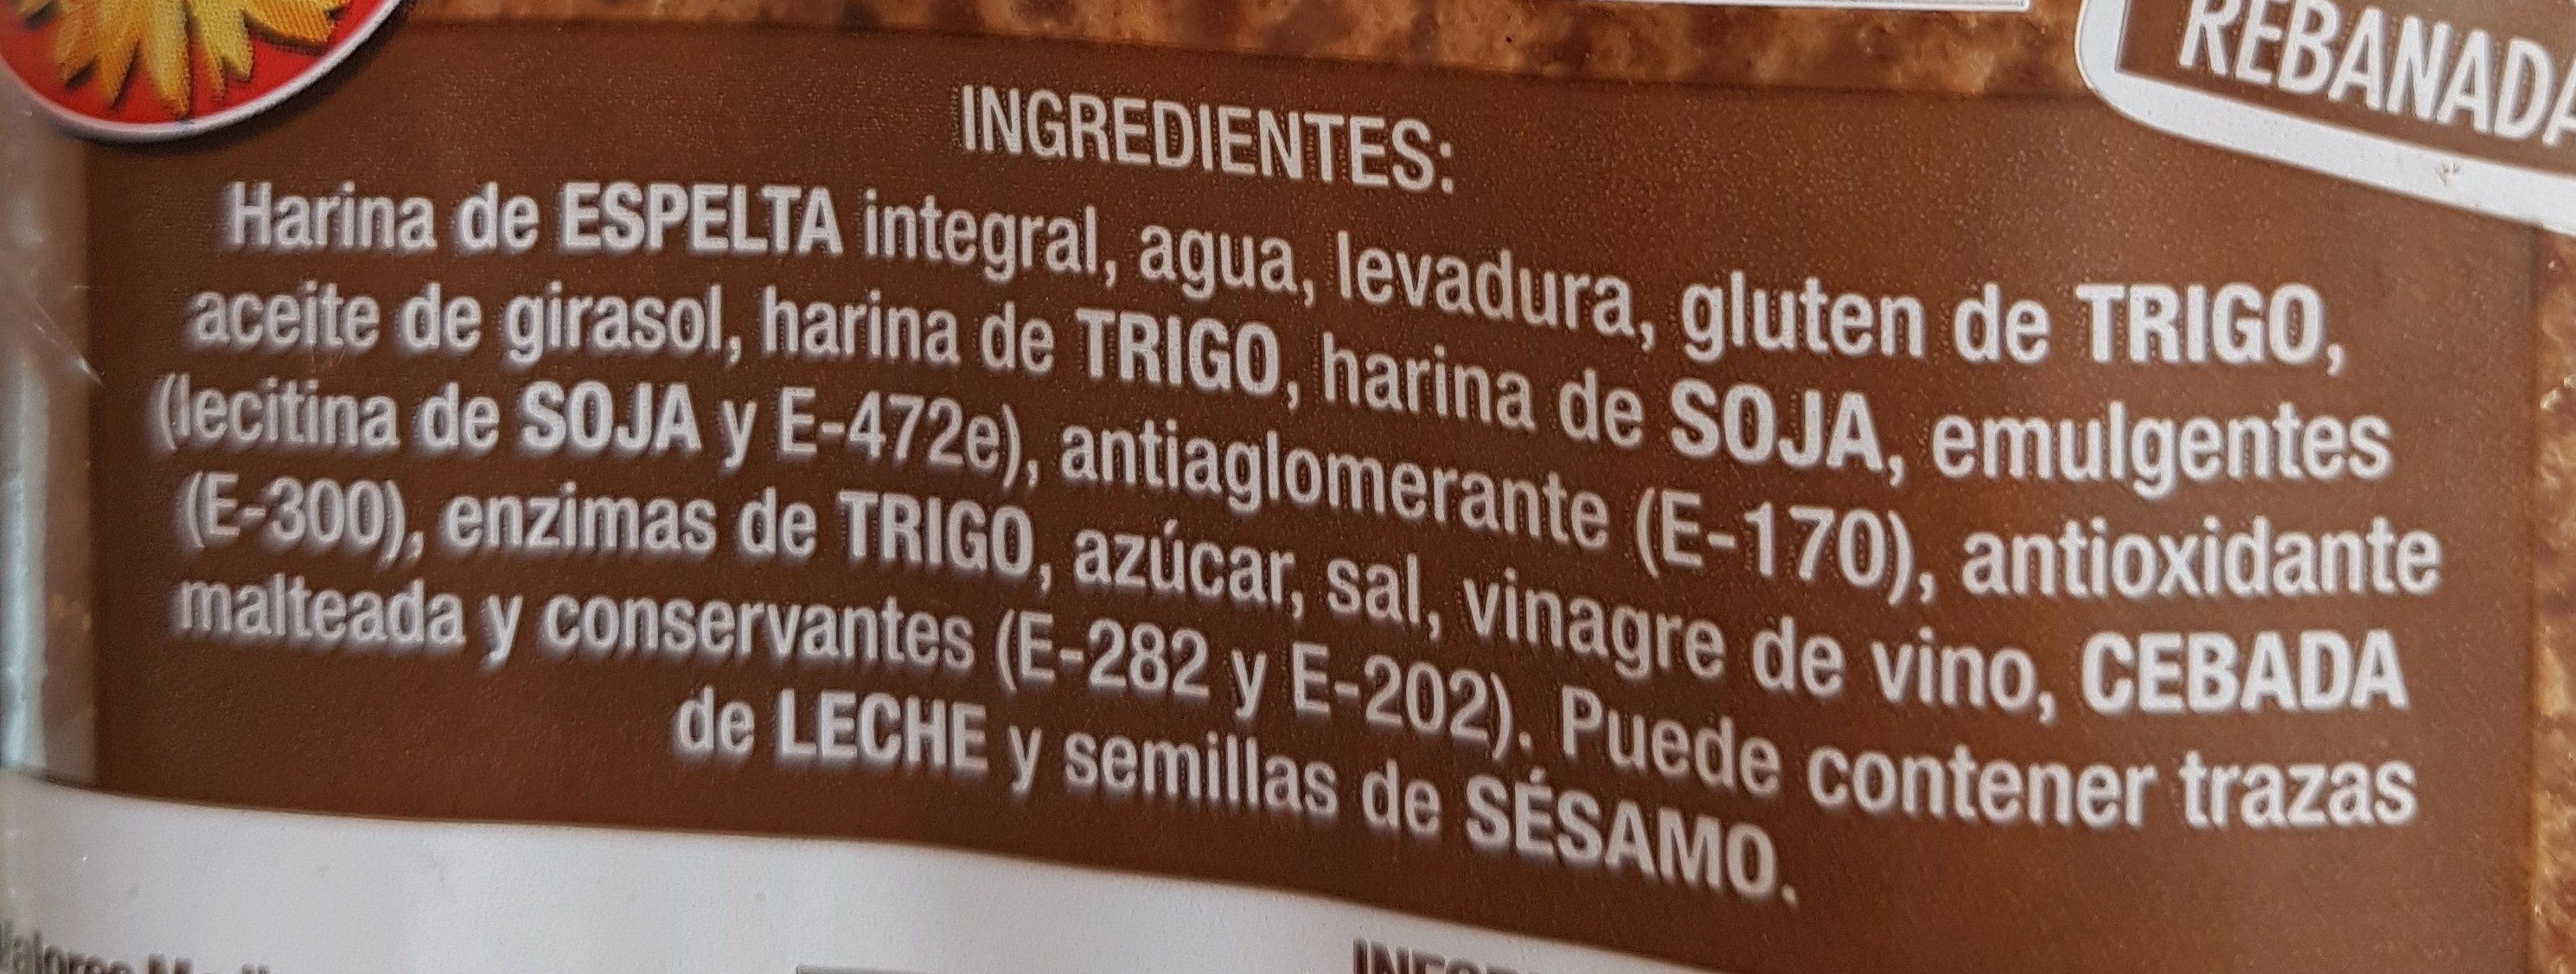 Pan de molde espelta integral - Ingredientes - es